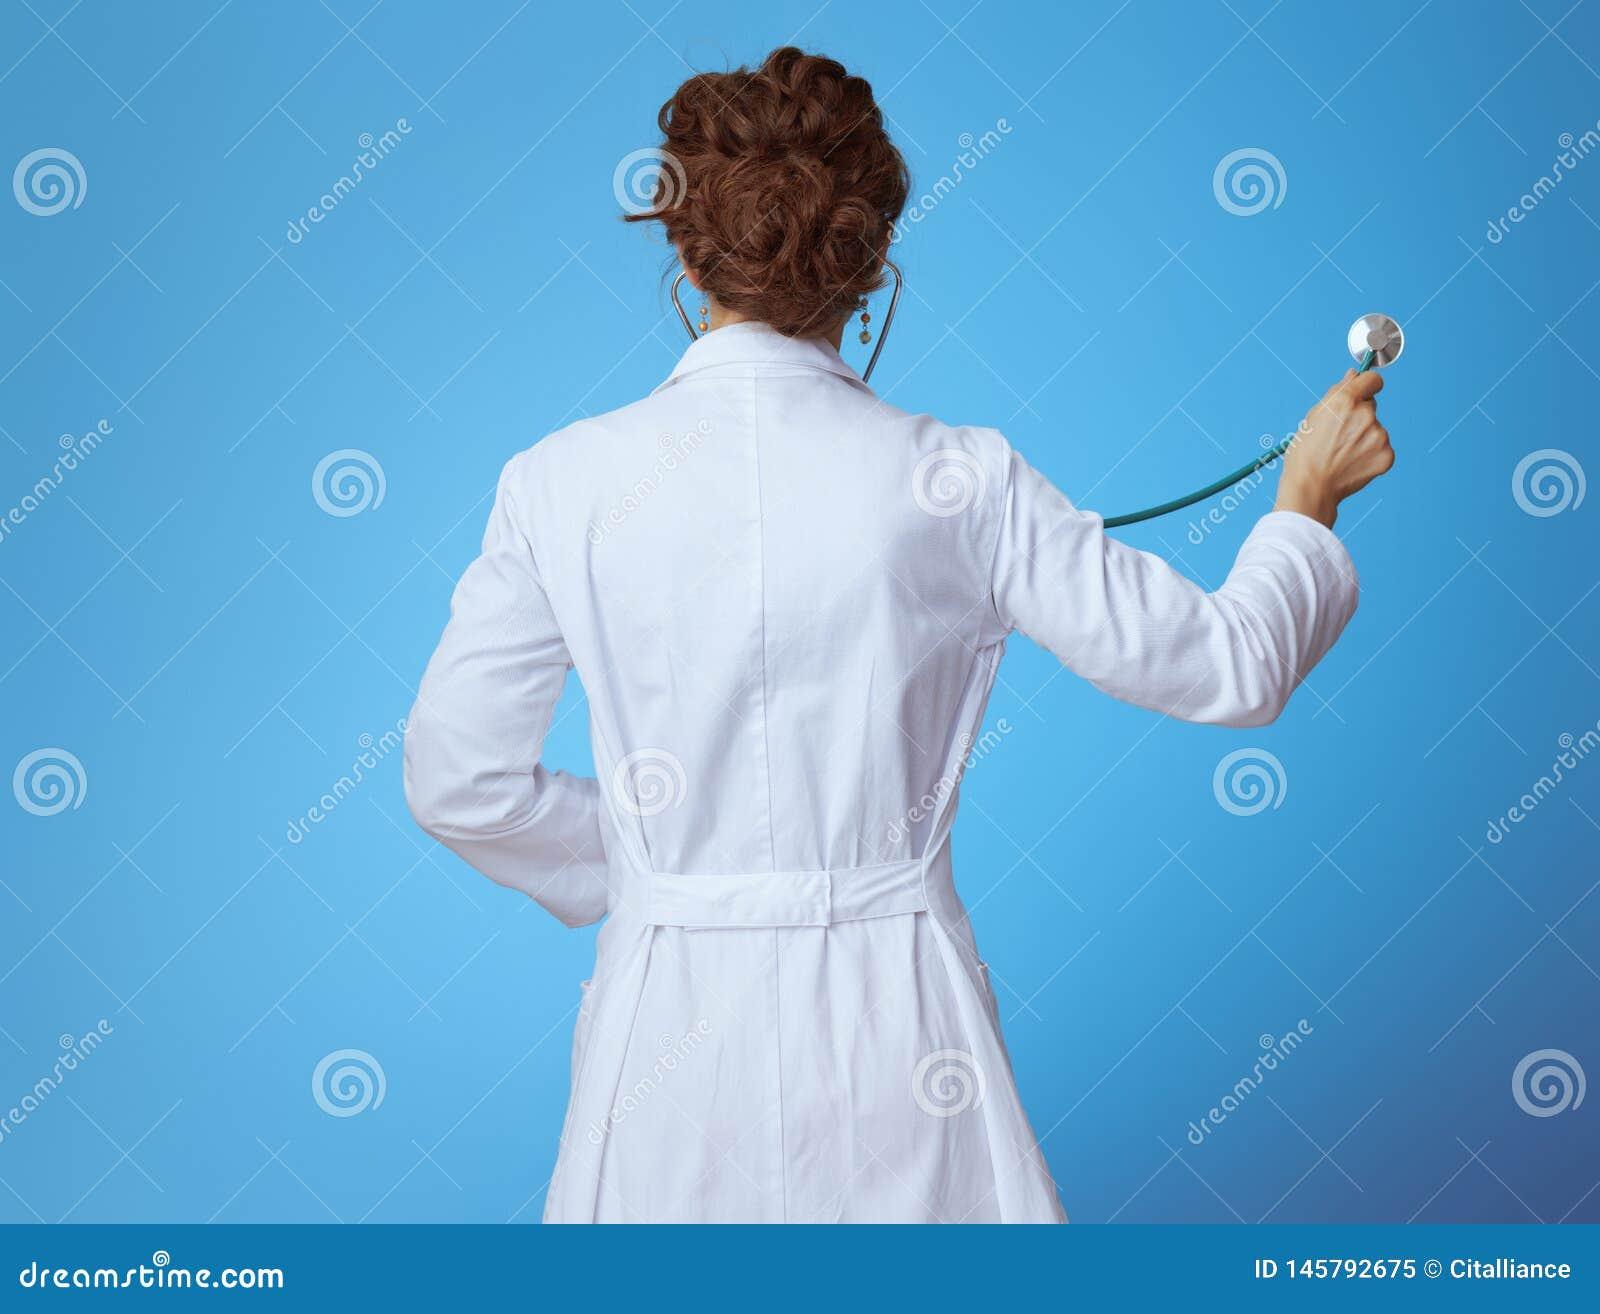 Σύγχρονη γυναίκα ιατρών που ακούει με το στηθοσκόπιο στο μπλε